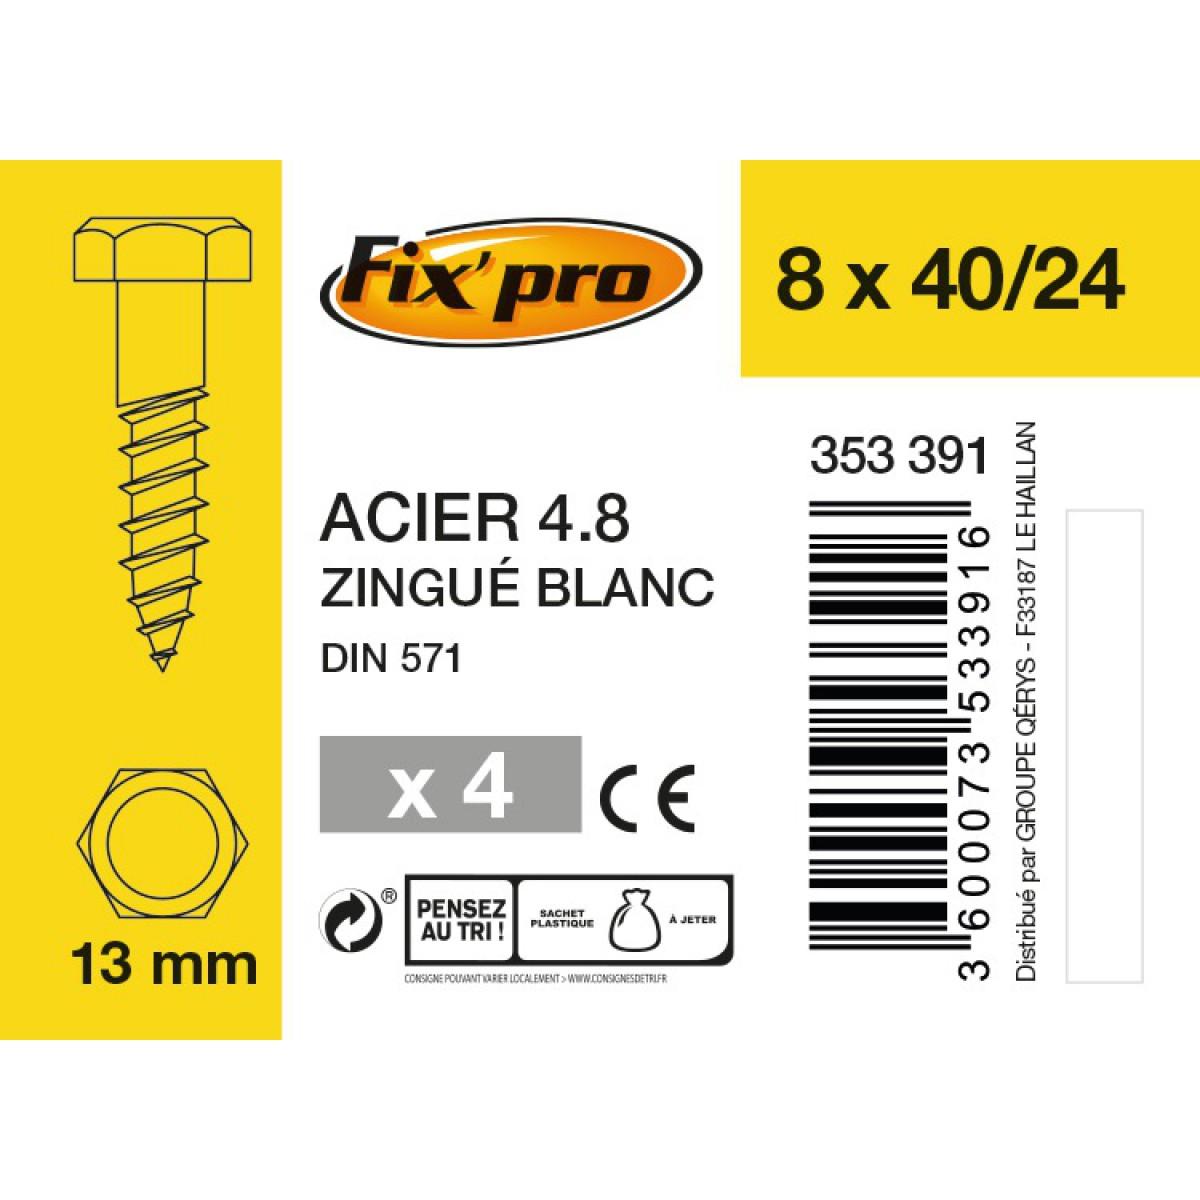 Tirefond tête hexagonale acier zingué - 8x40/24 - 4pces - Fixpro